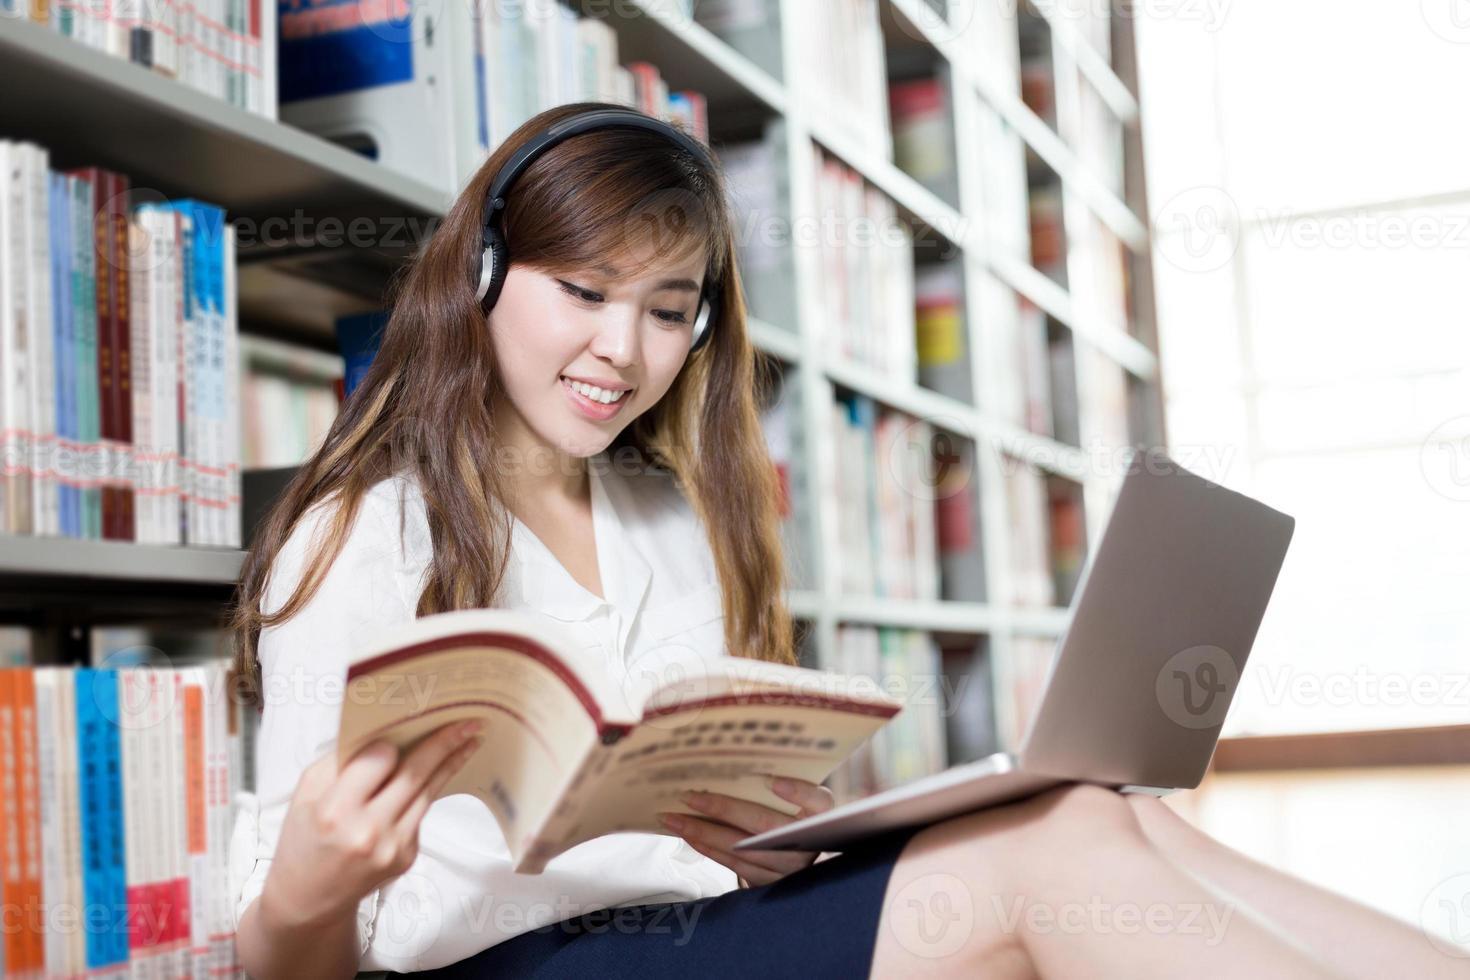 asiatische schöne Studentin, die in Bibliothek mit Laptop studiert foto